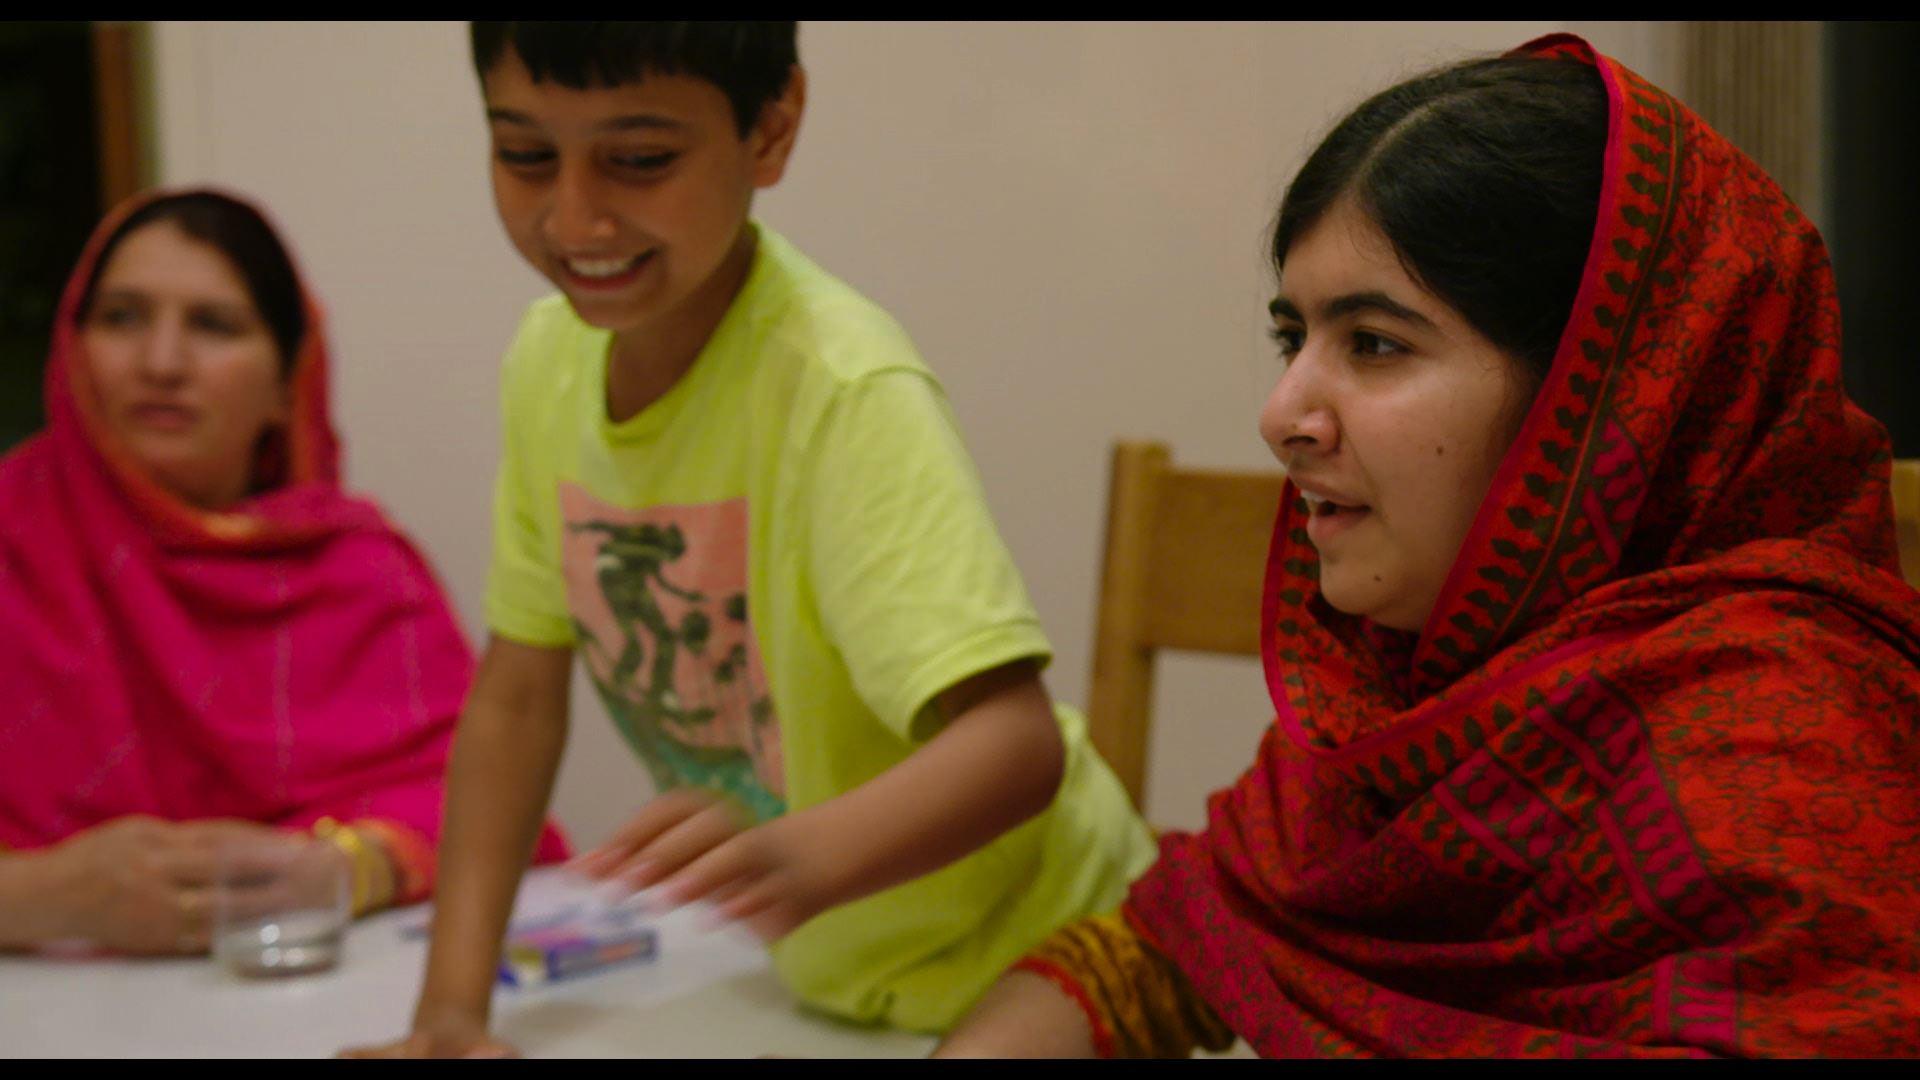 《馬拉拉:改變世界的力量》劇照,11月13日上映